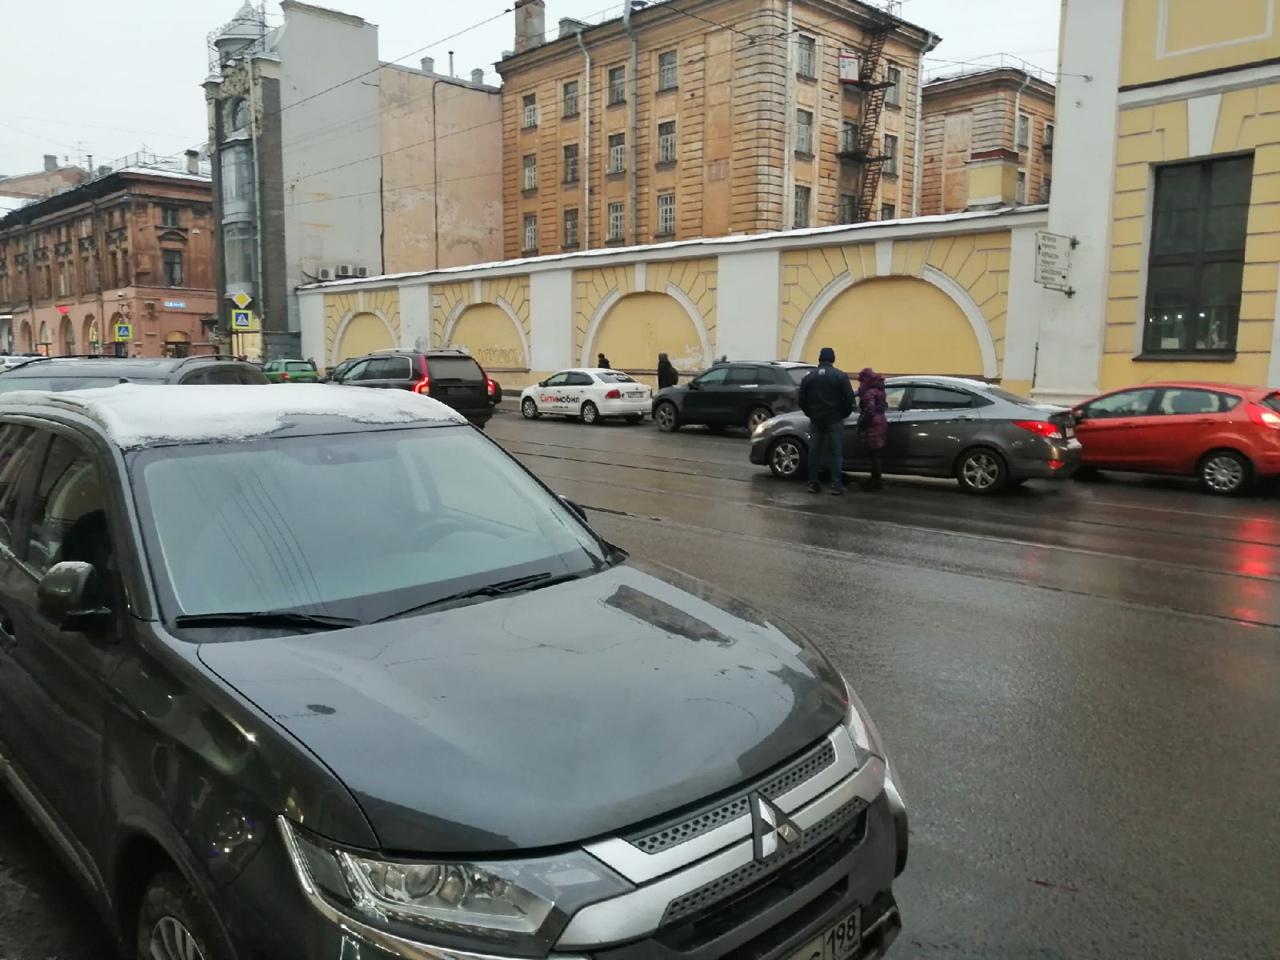 Volvo и Hyundai встретились на Садовой, на трамвайных путях. Трамвай уже один стоит, служб нет, но пр...